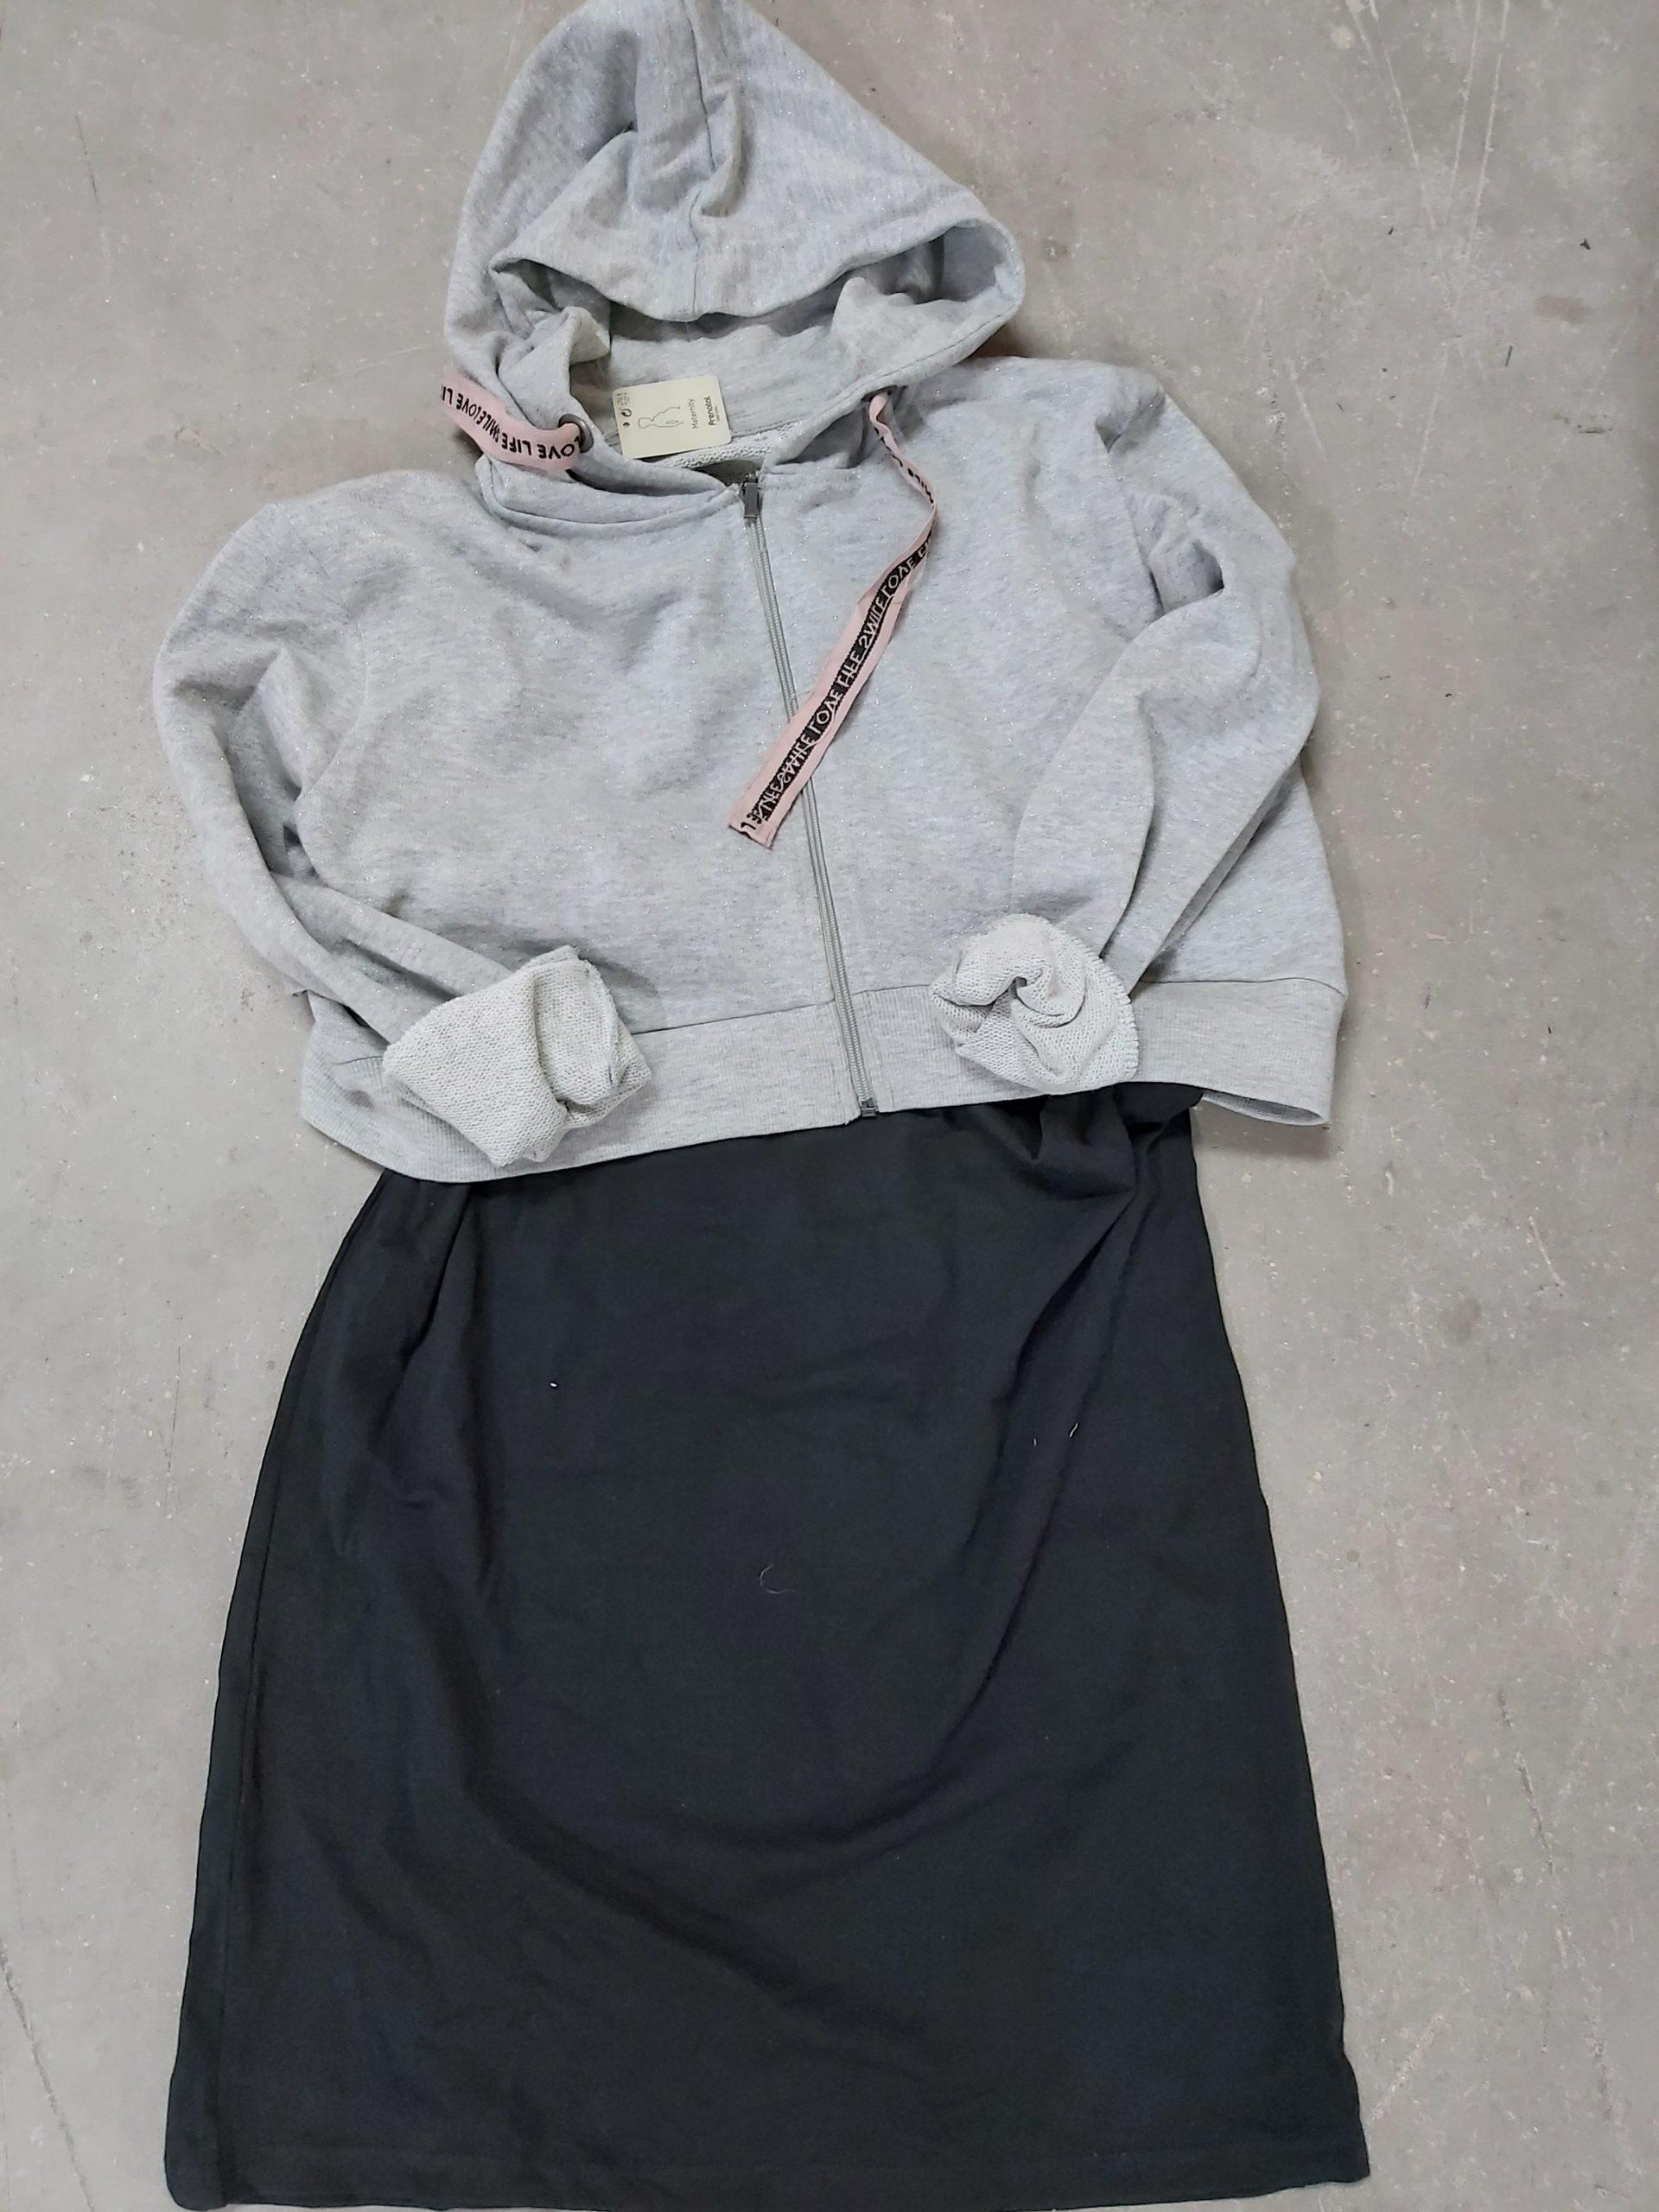 Γυναικείο Φόρεμα & Ζακέτα Γκρι-Μαύρο